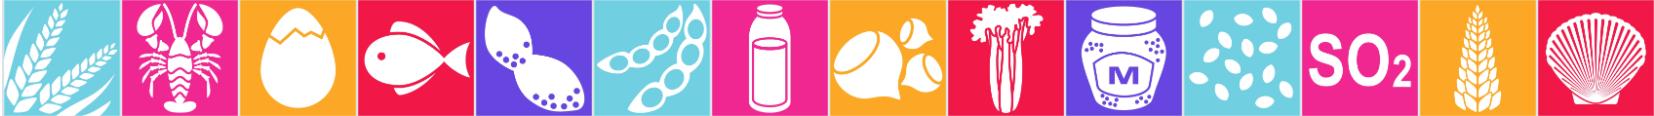 14 allergenen wetgeving